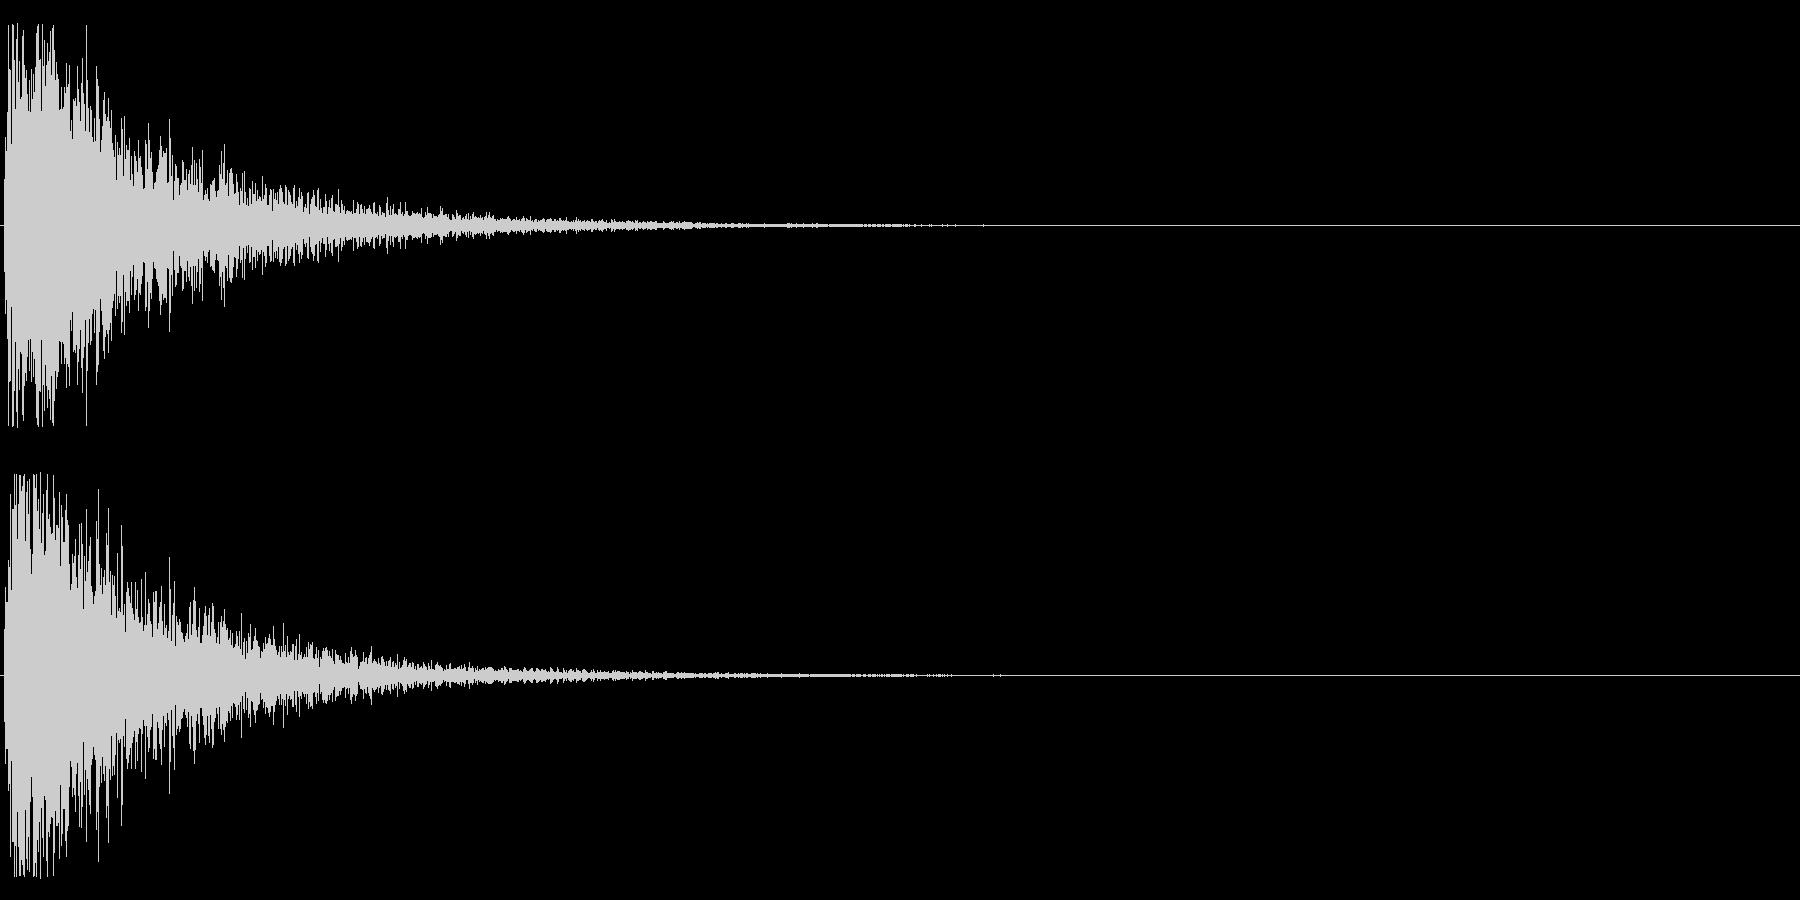 オケヒット MIDの未再生の波形